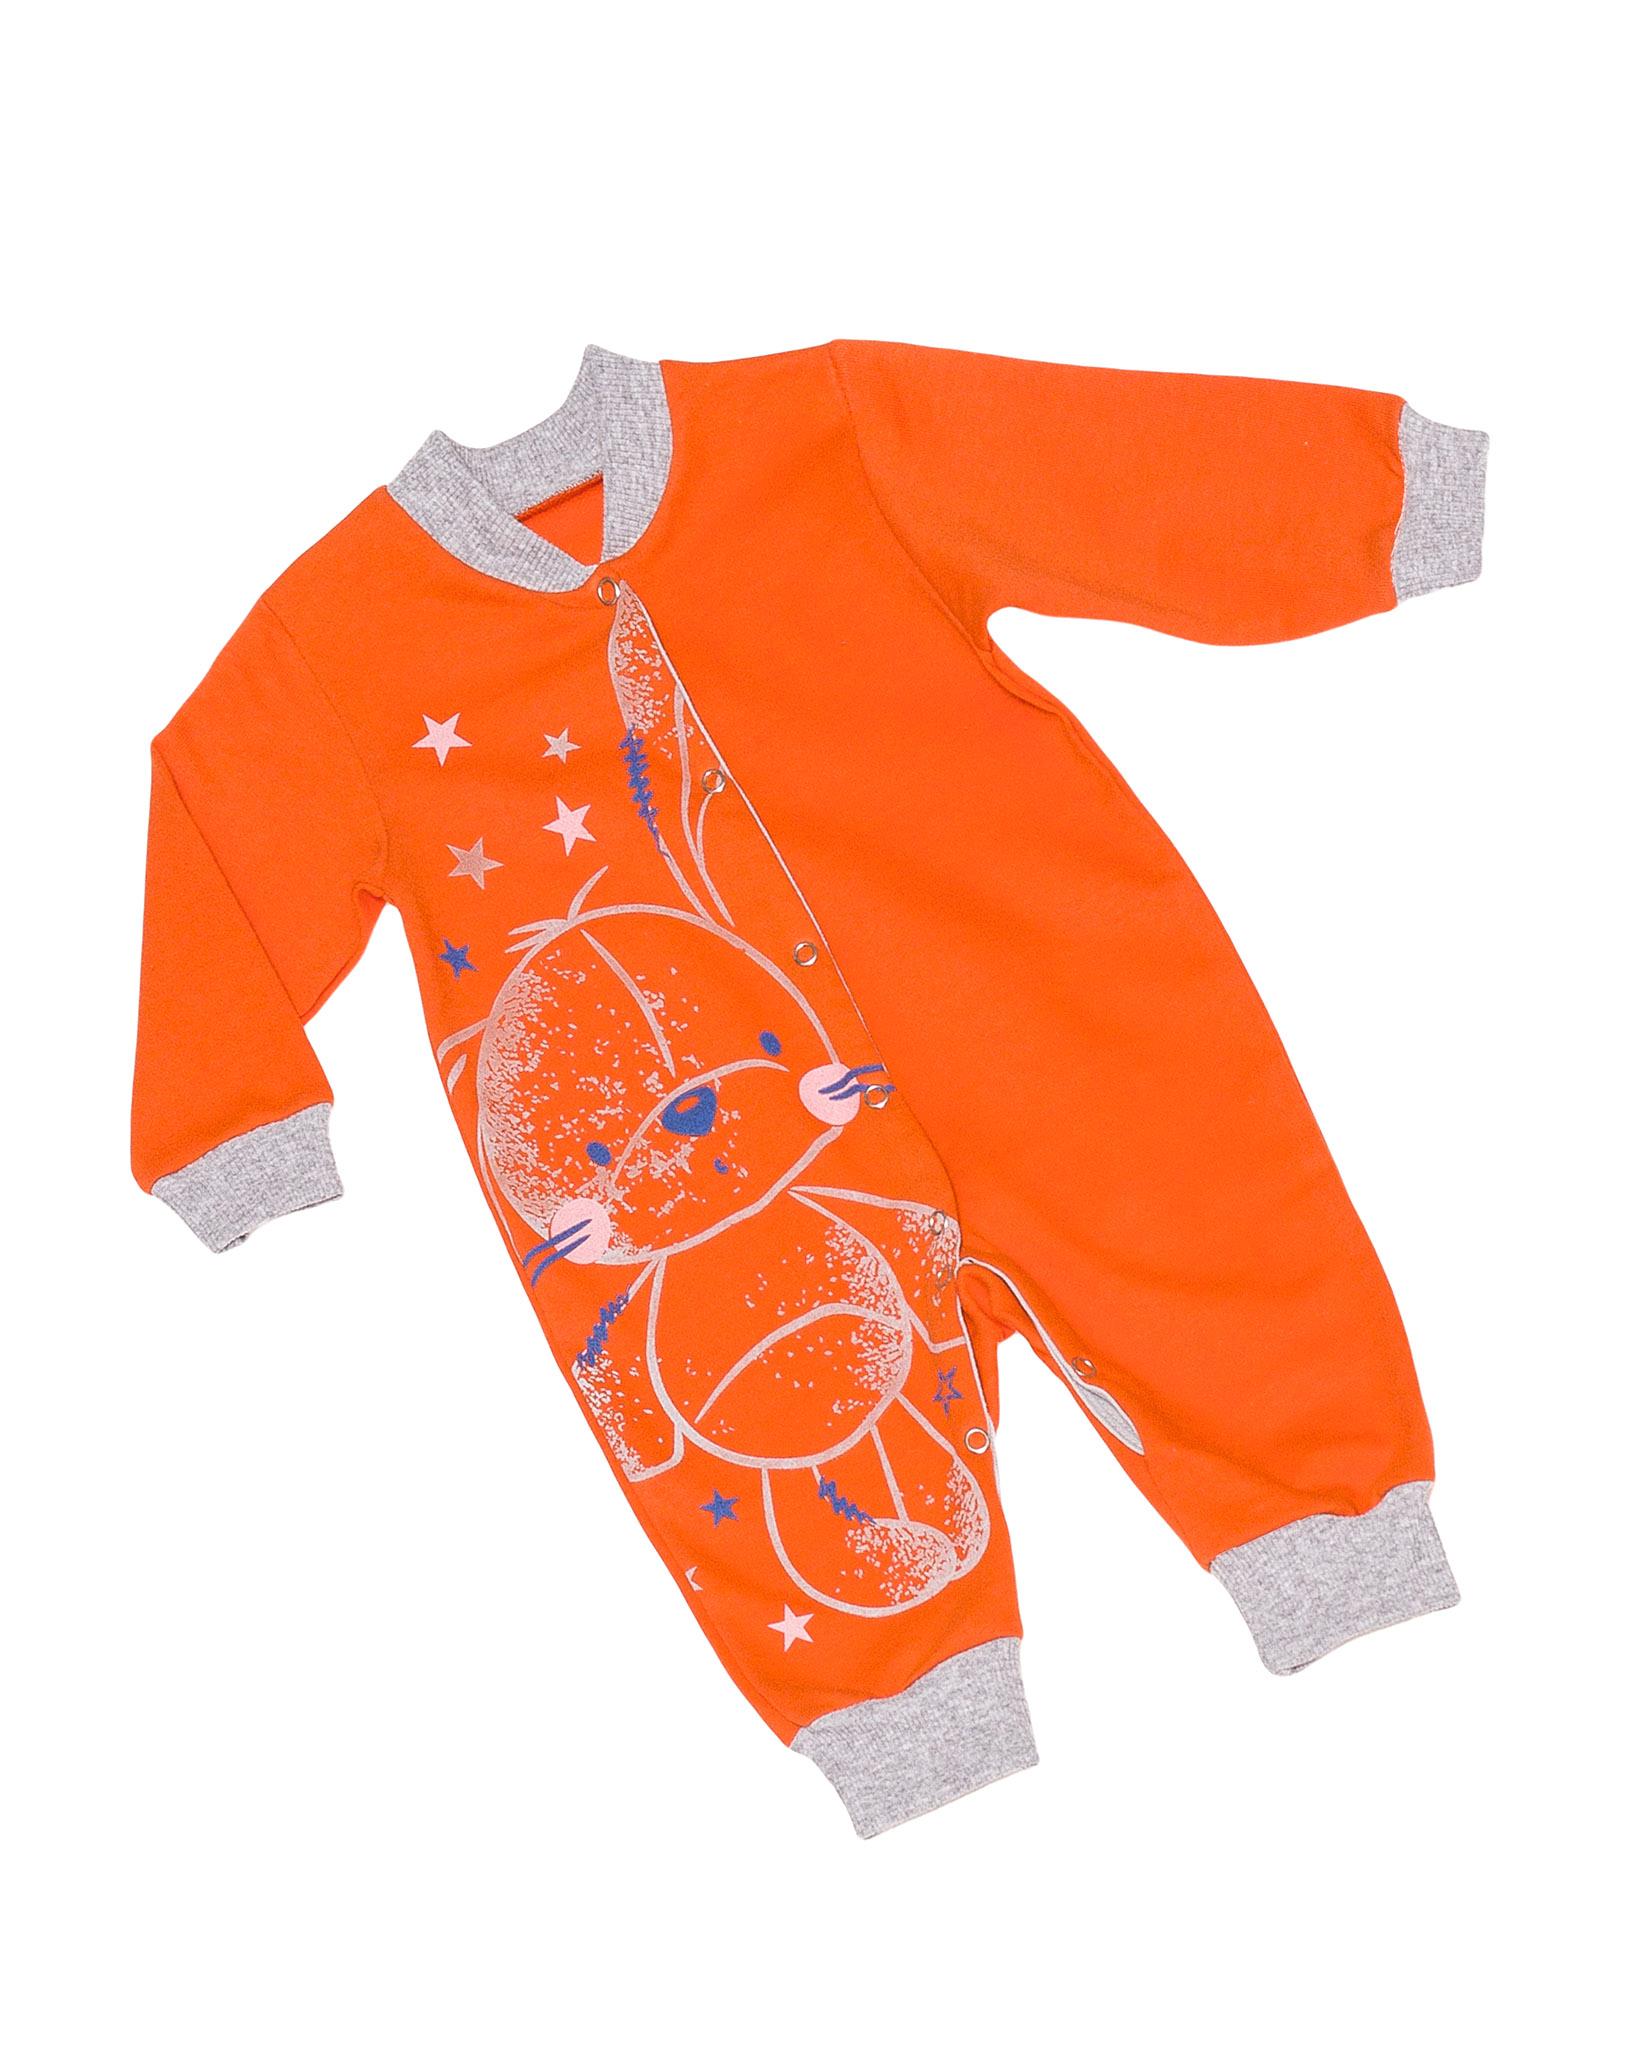 Флисовые и шерстяные поддевы для малышей очень теплые.